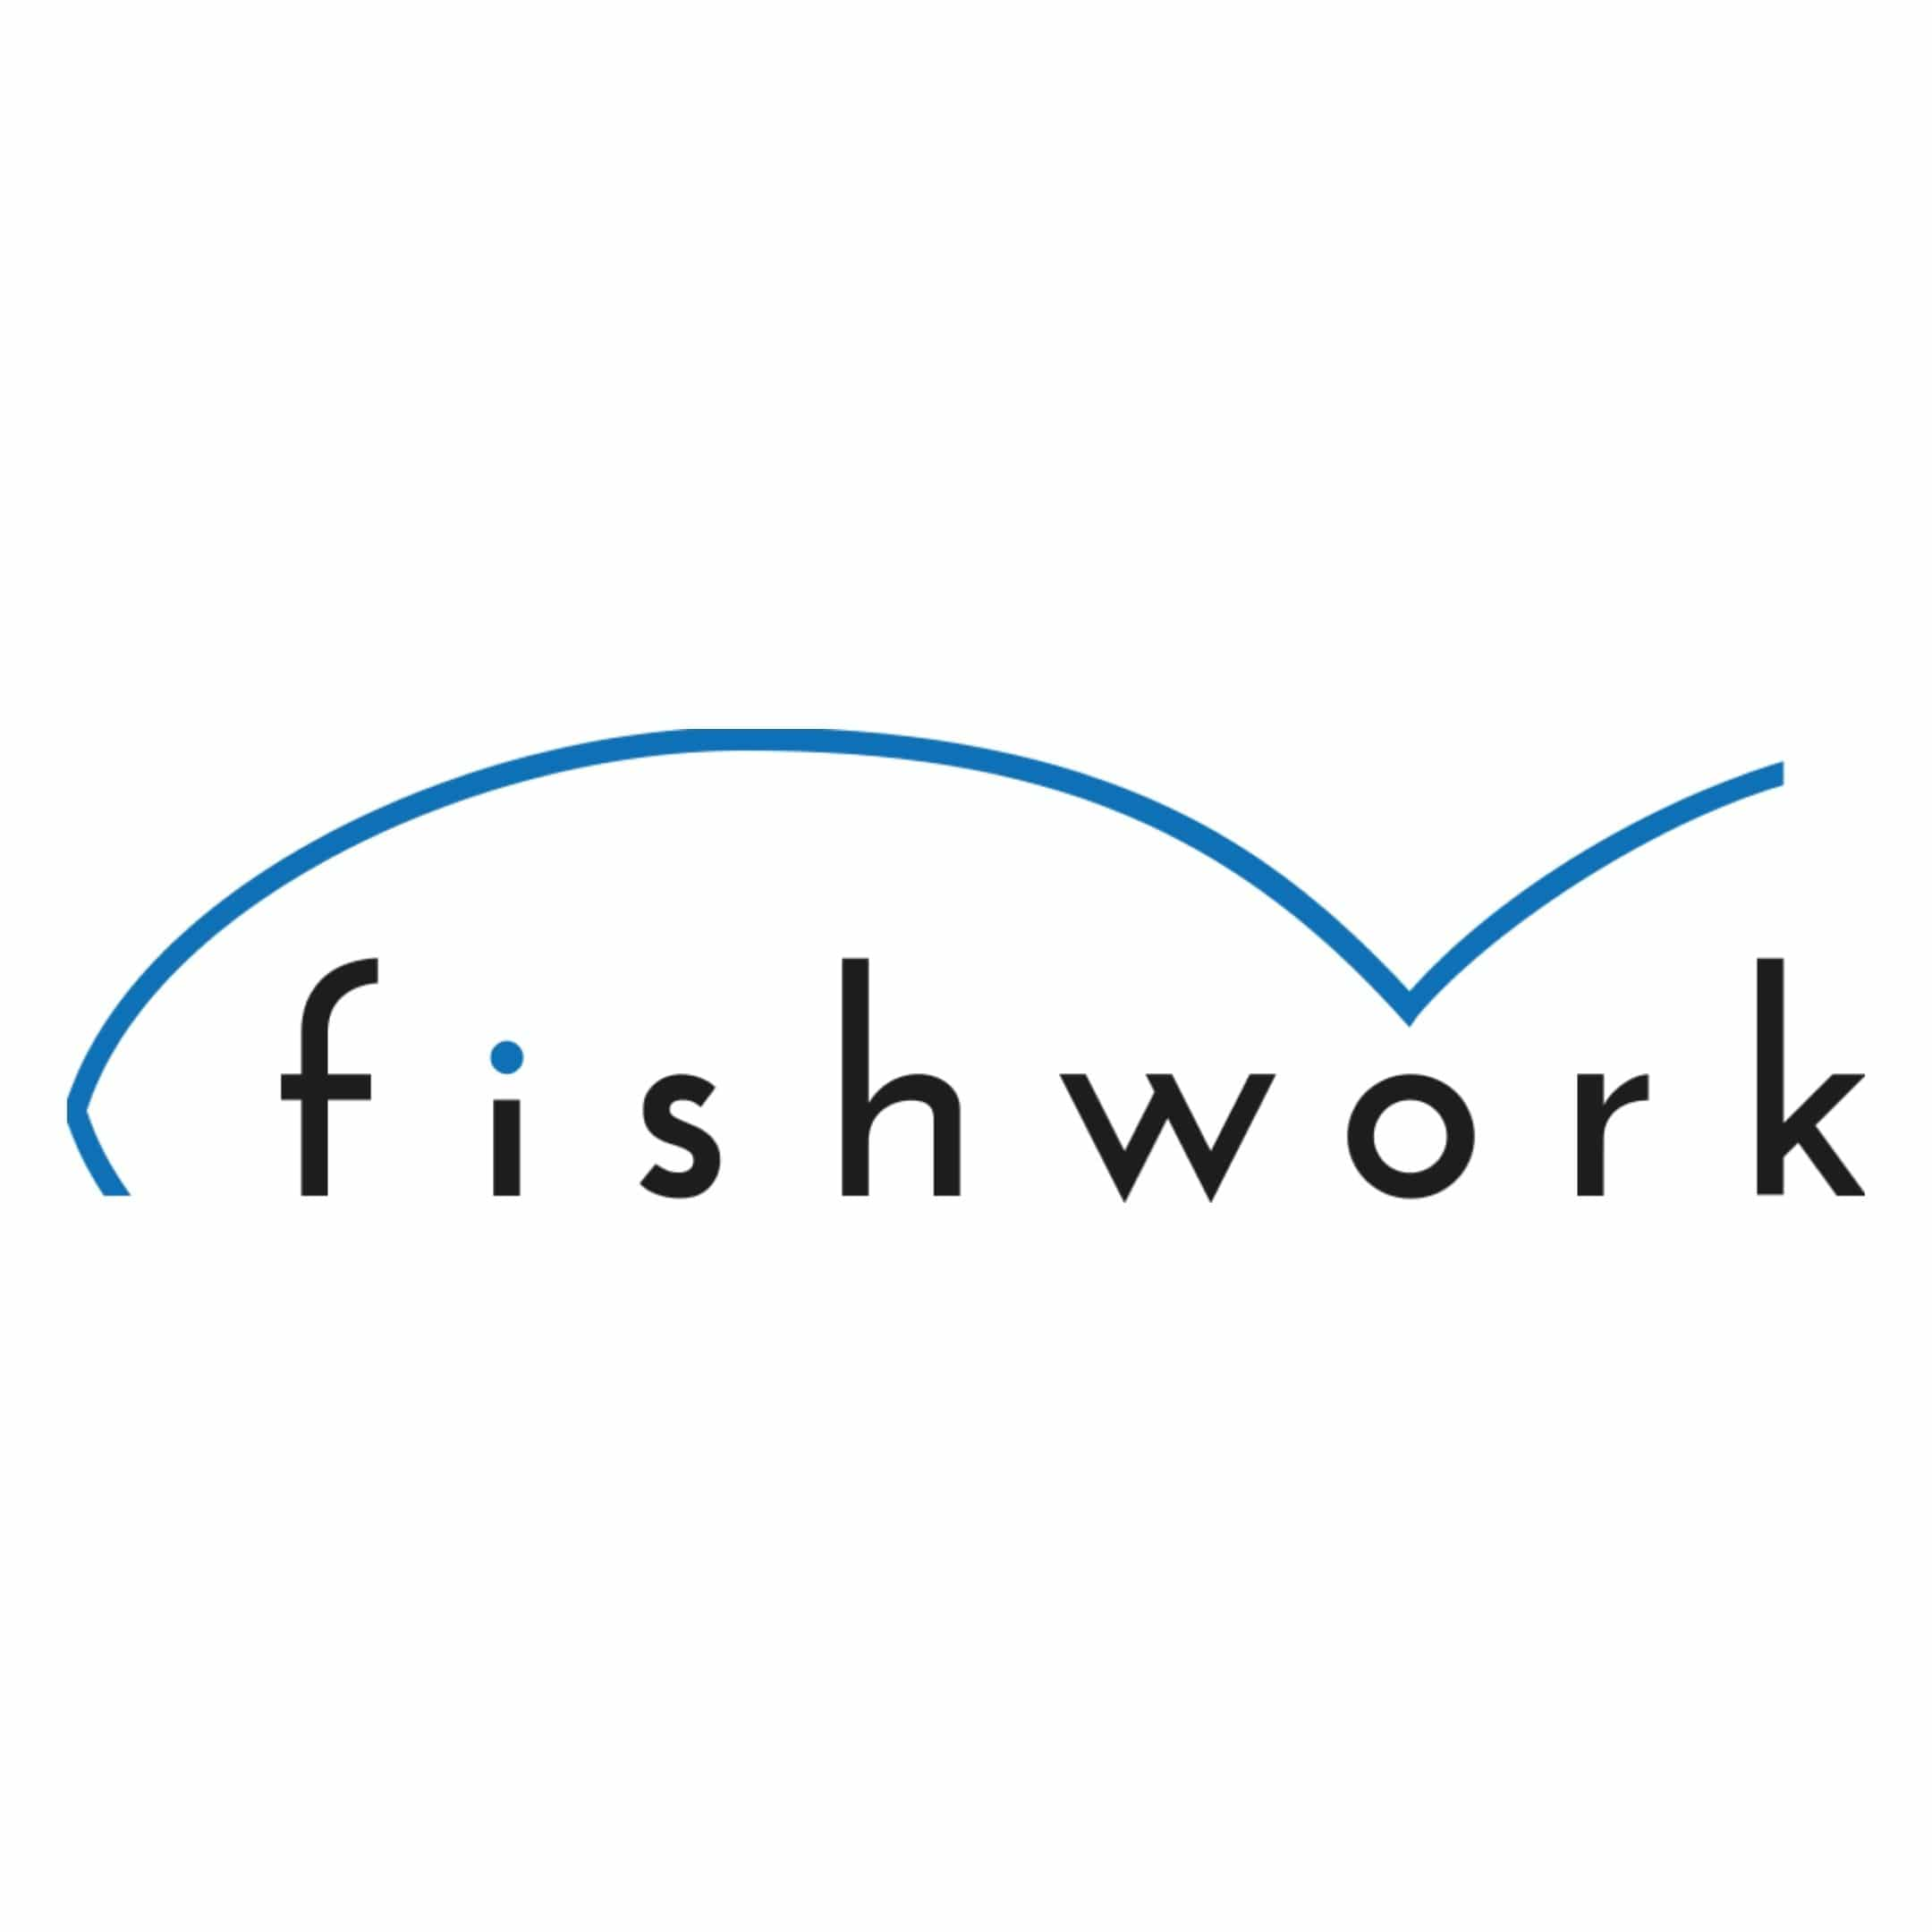 fishwork